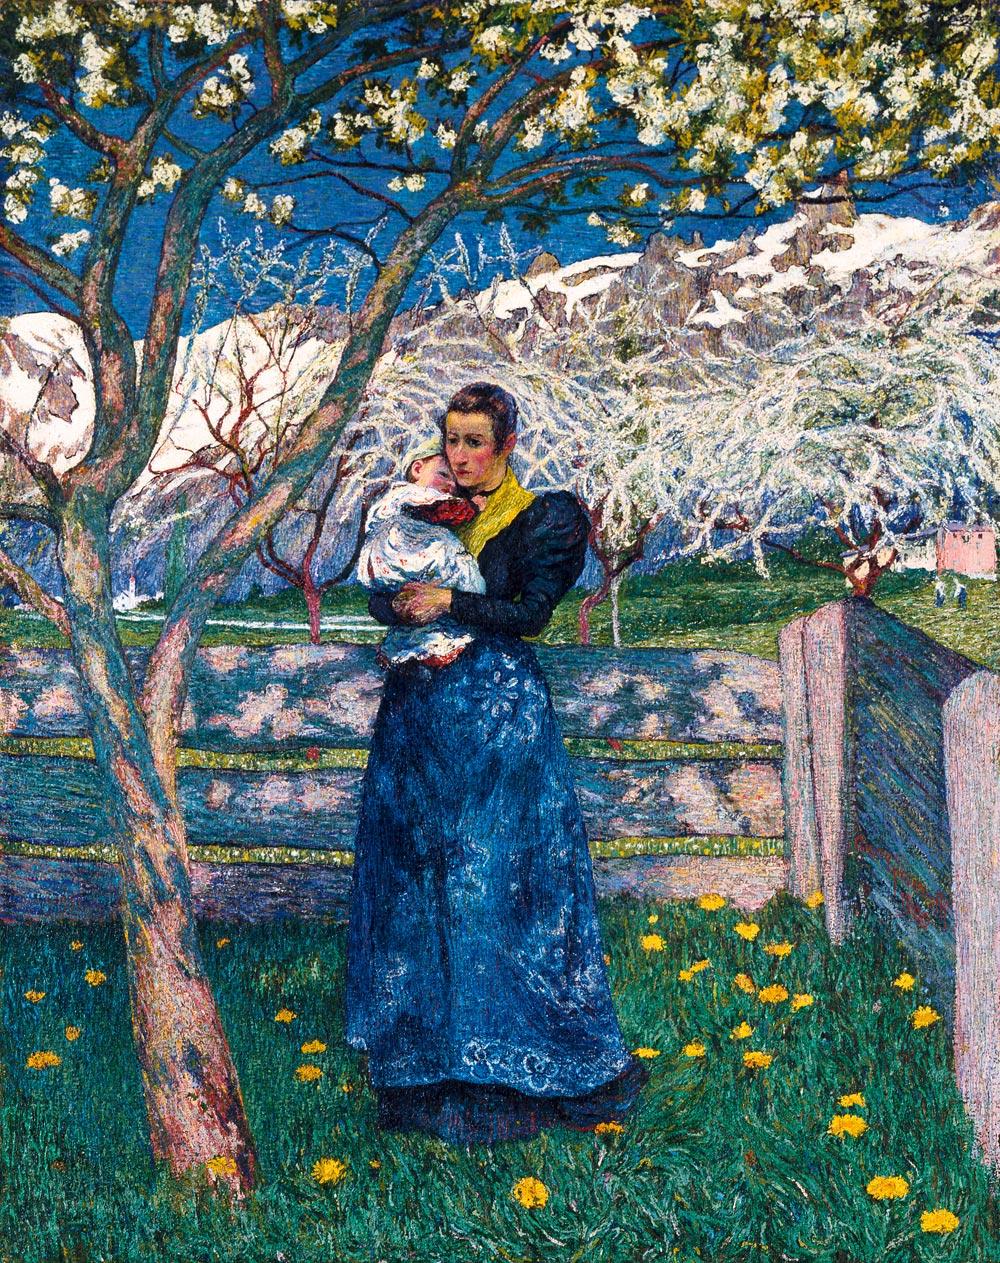 http://1.bp.blogspot.com/-S3RvPsVR02I/TdpeTEdMOAI/AAAAAAABSmQ/adOjo_qUQCE/s1600/Giovanni+Giacometti+Spring+1900.jpg